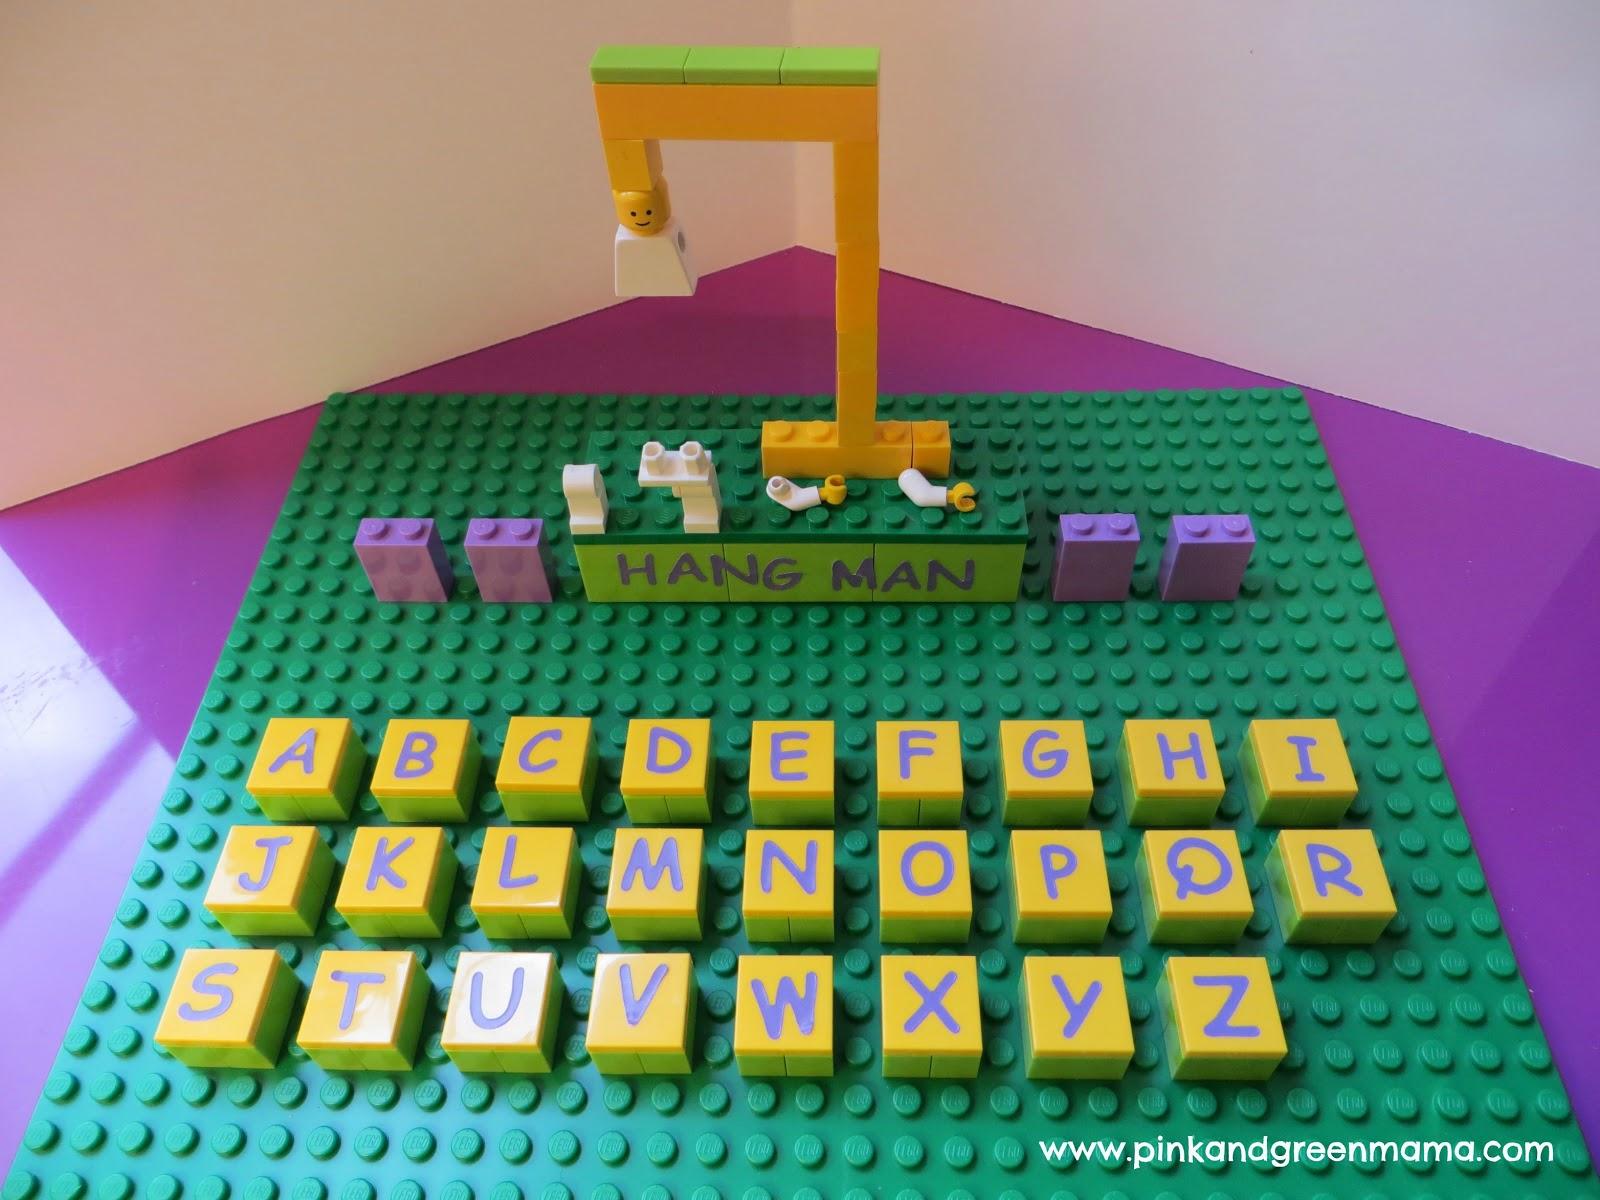 how to make a hangman game on matlab